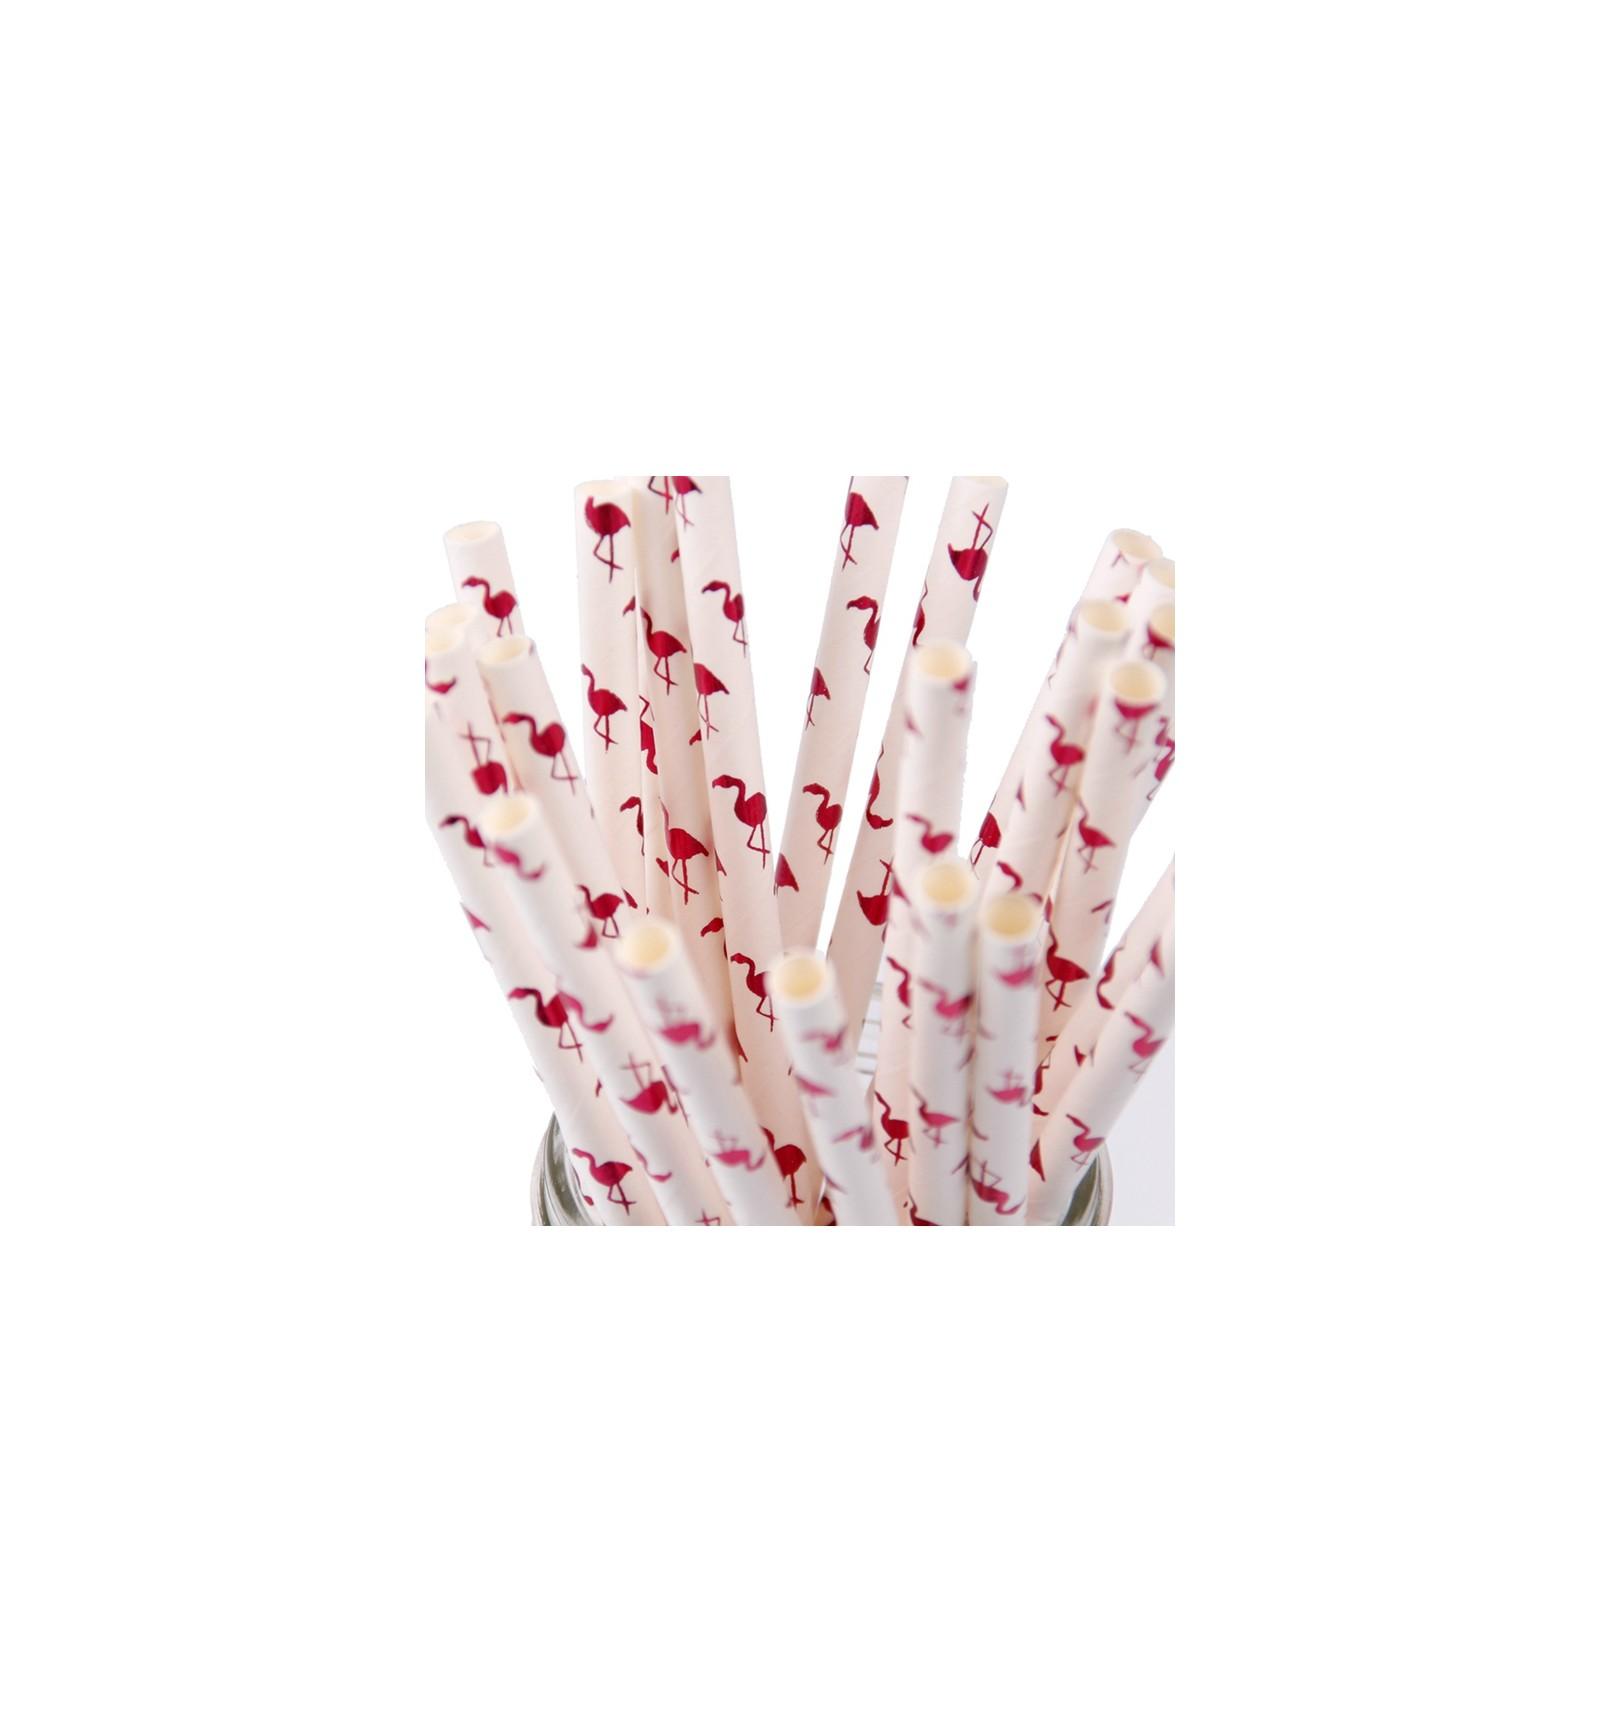 acheter pailles en papier flamant rose sur hello pompon. Black Bedroom Furniture Sets. Home Design Ideas